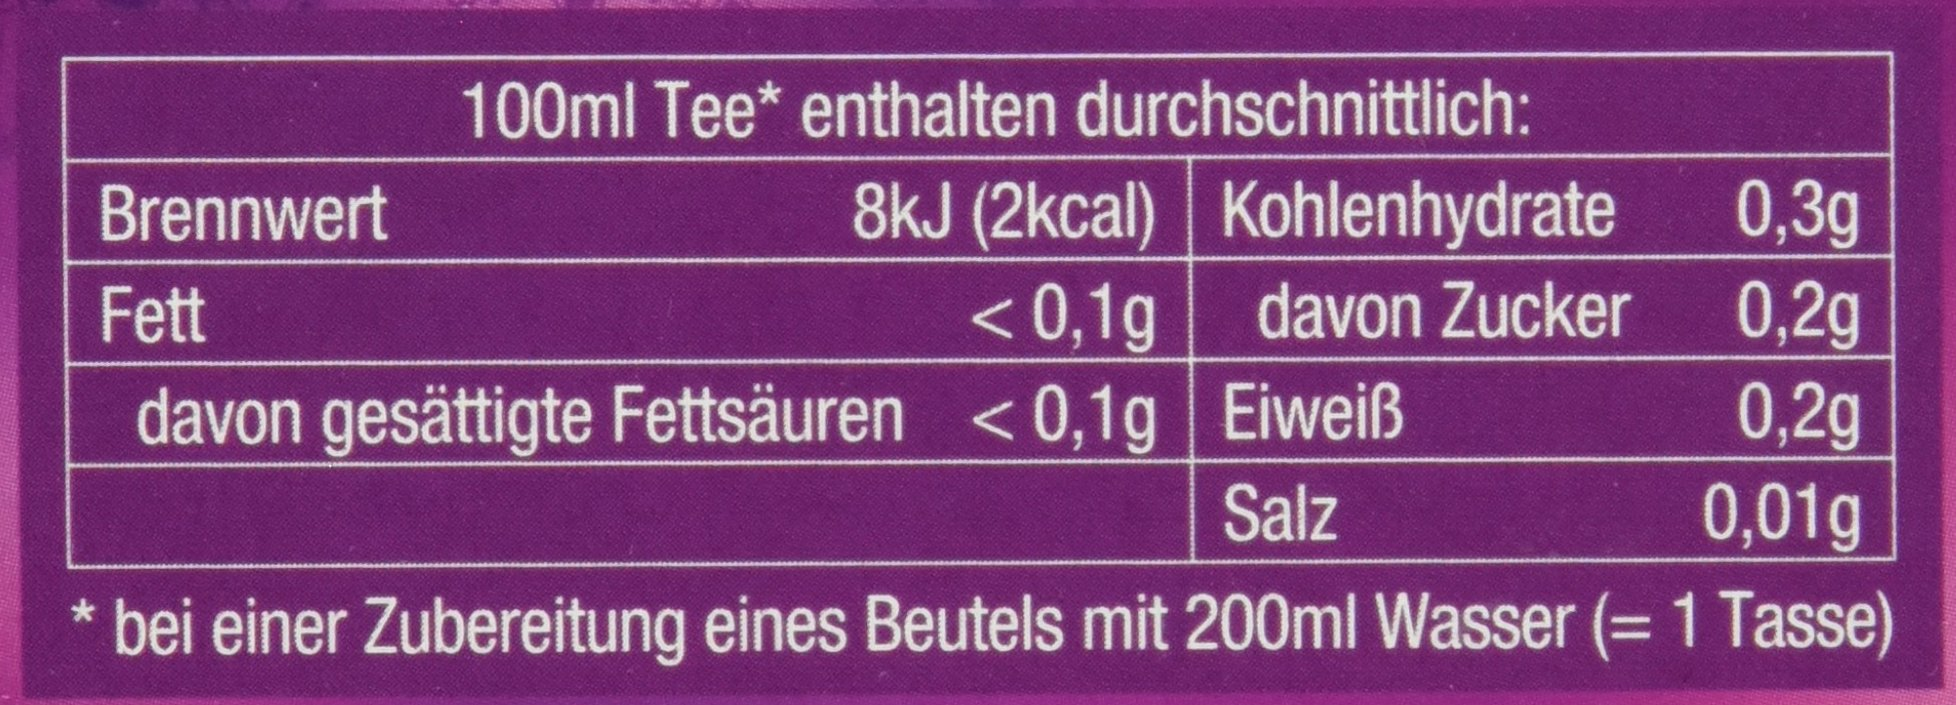 Teekanne-Trkischer-Apfel-55g-20-Beutel